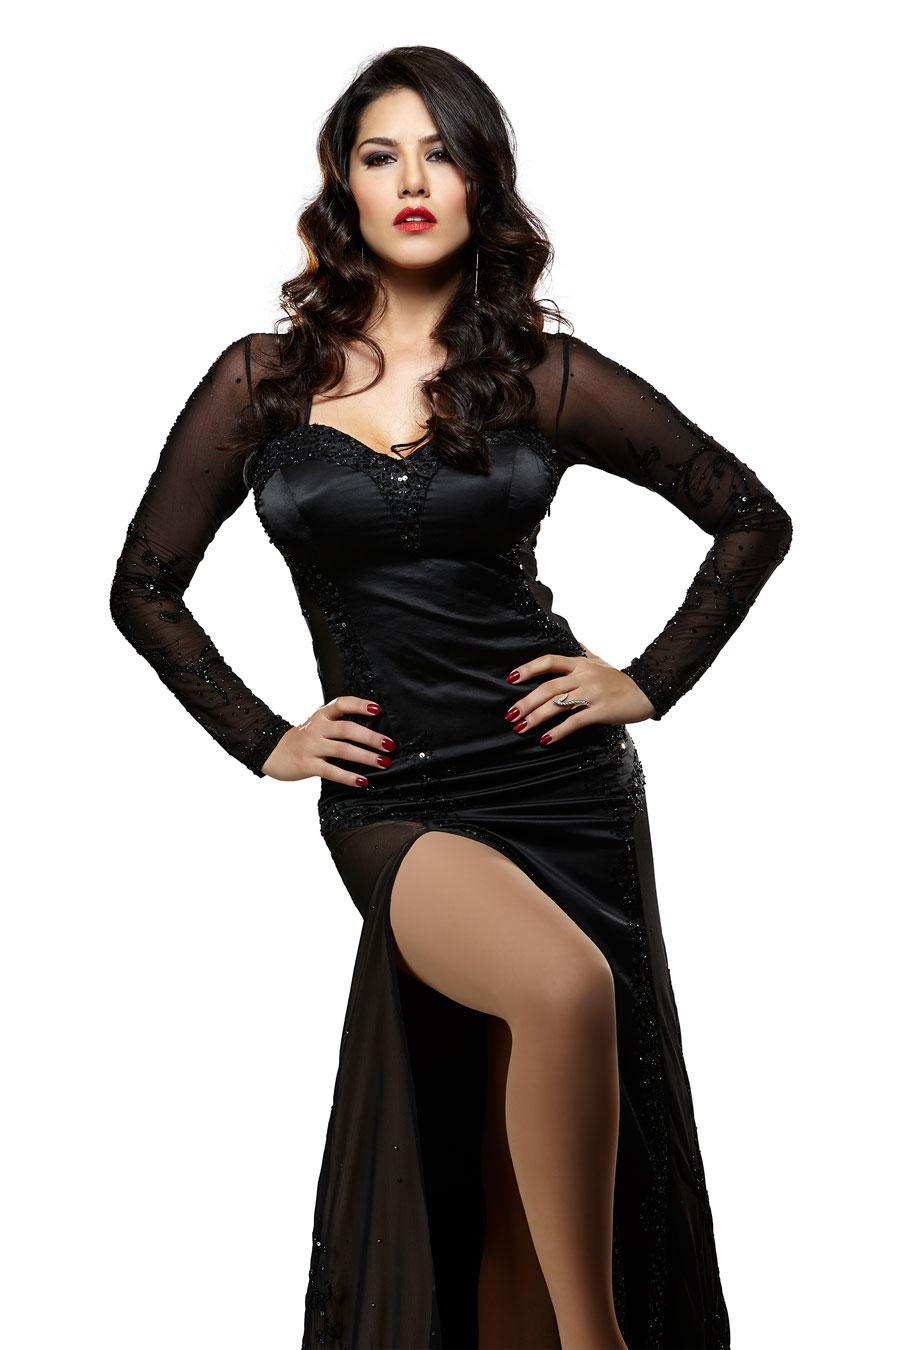 Facebook Covers For Sunny Leone [85-96] • PoPoPics com